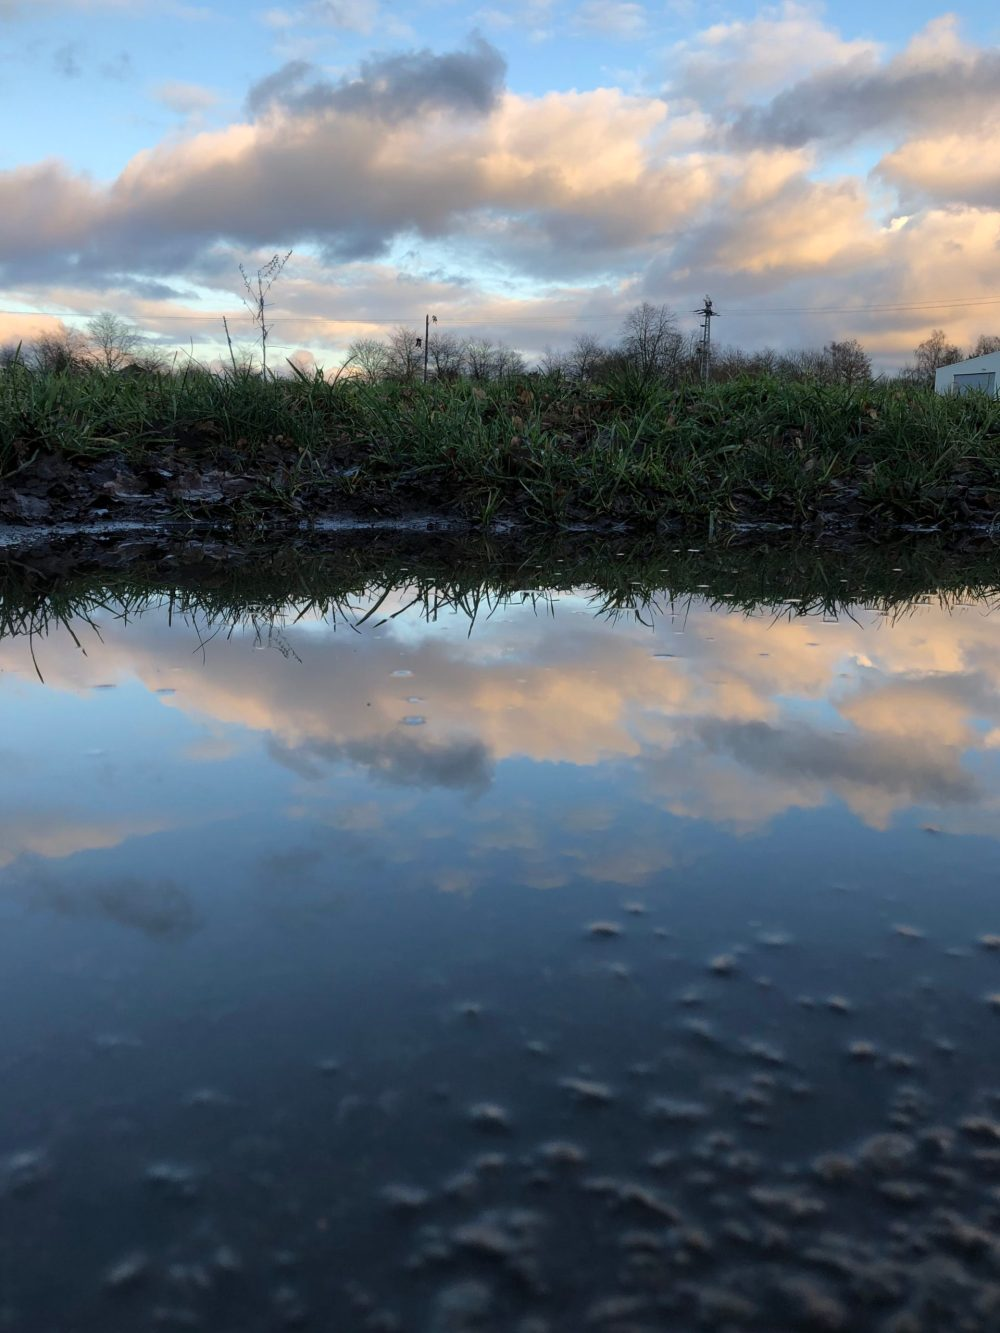 Reflexion des Himmels am frühen Abend auf einer Pfütze